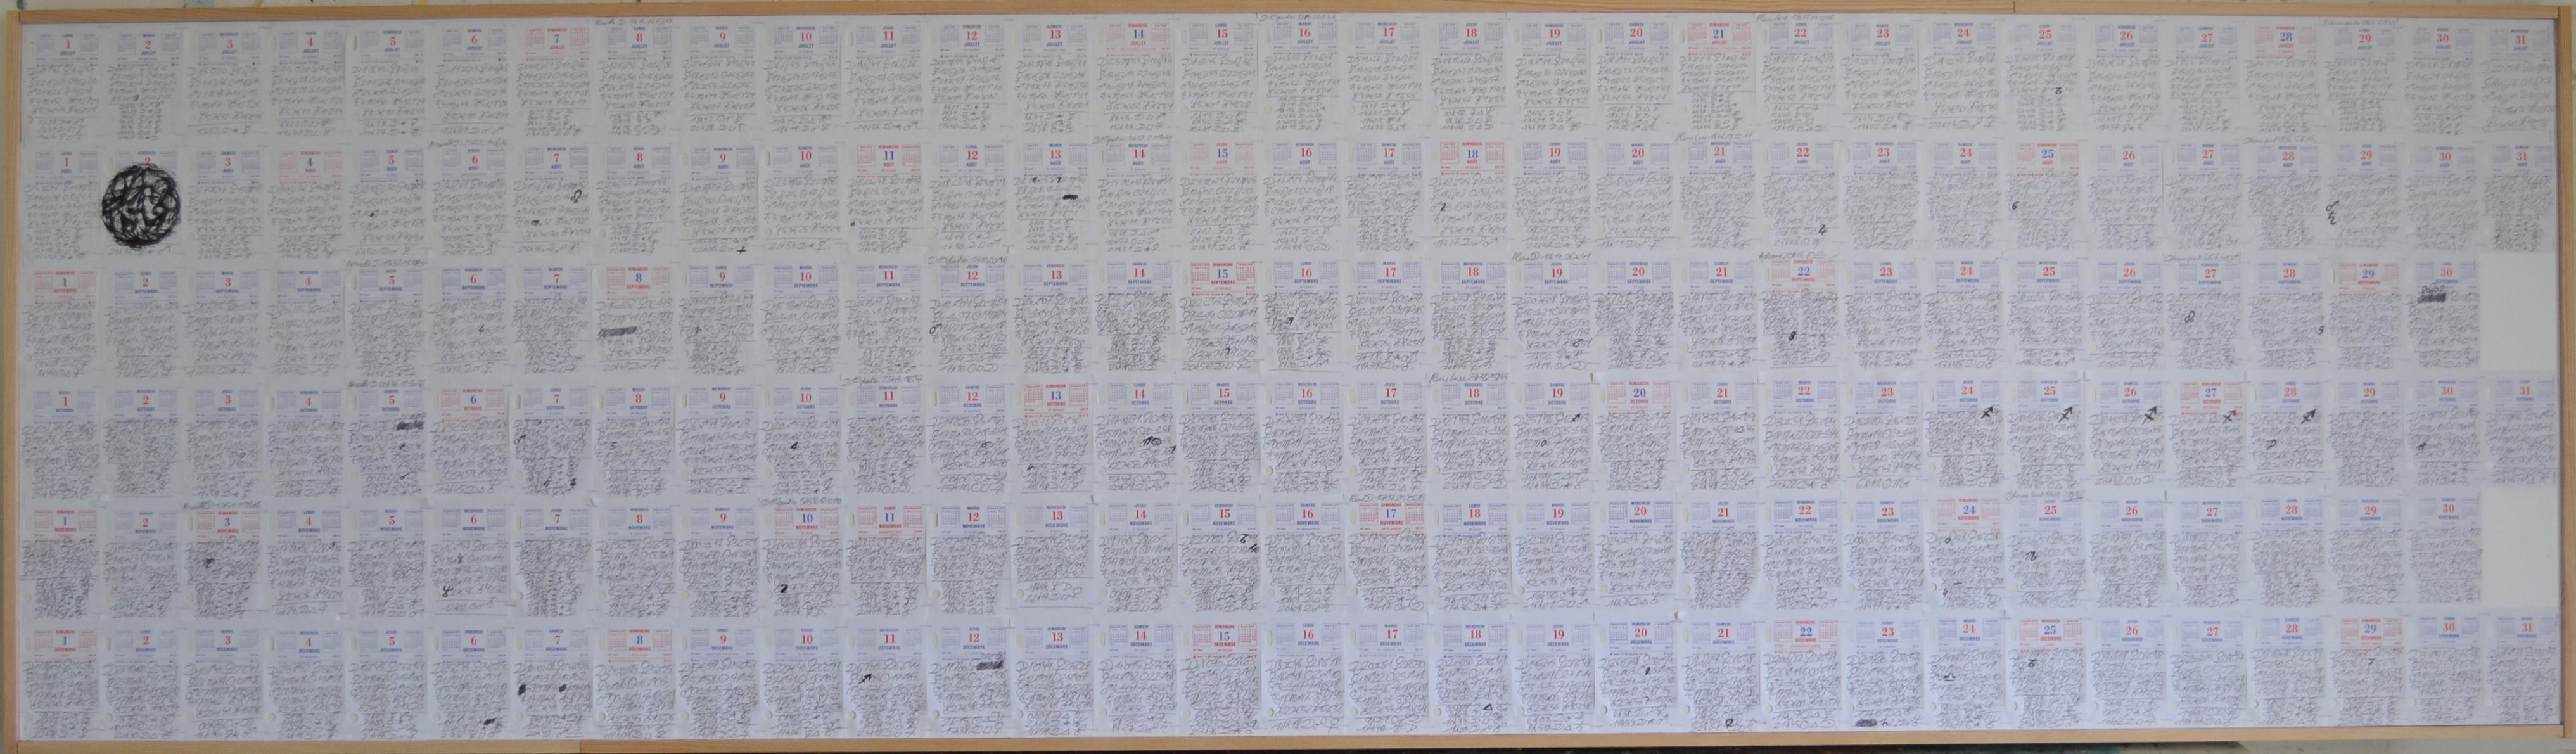 Mappemonde Ephéméride second semestre 2013, stylo bille et stylo plume / papier / bois, 74,5 x 260 cm